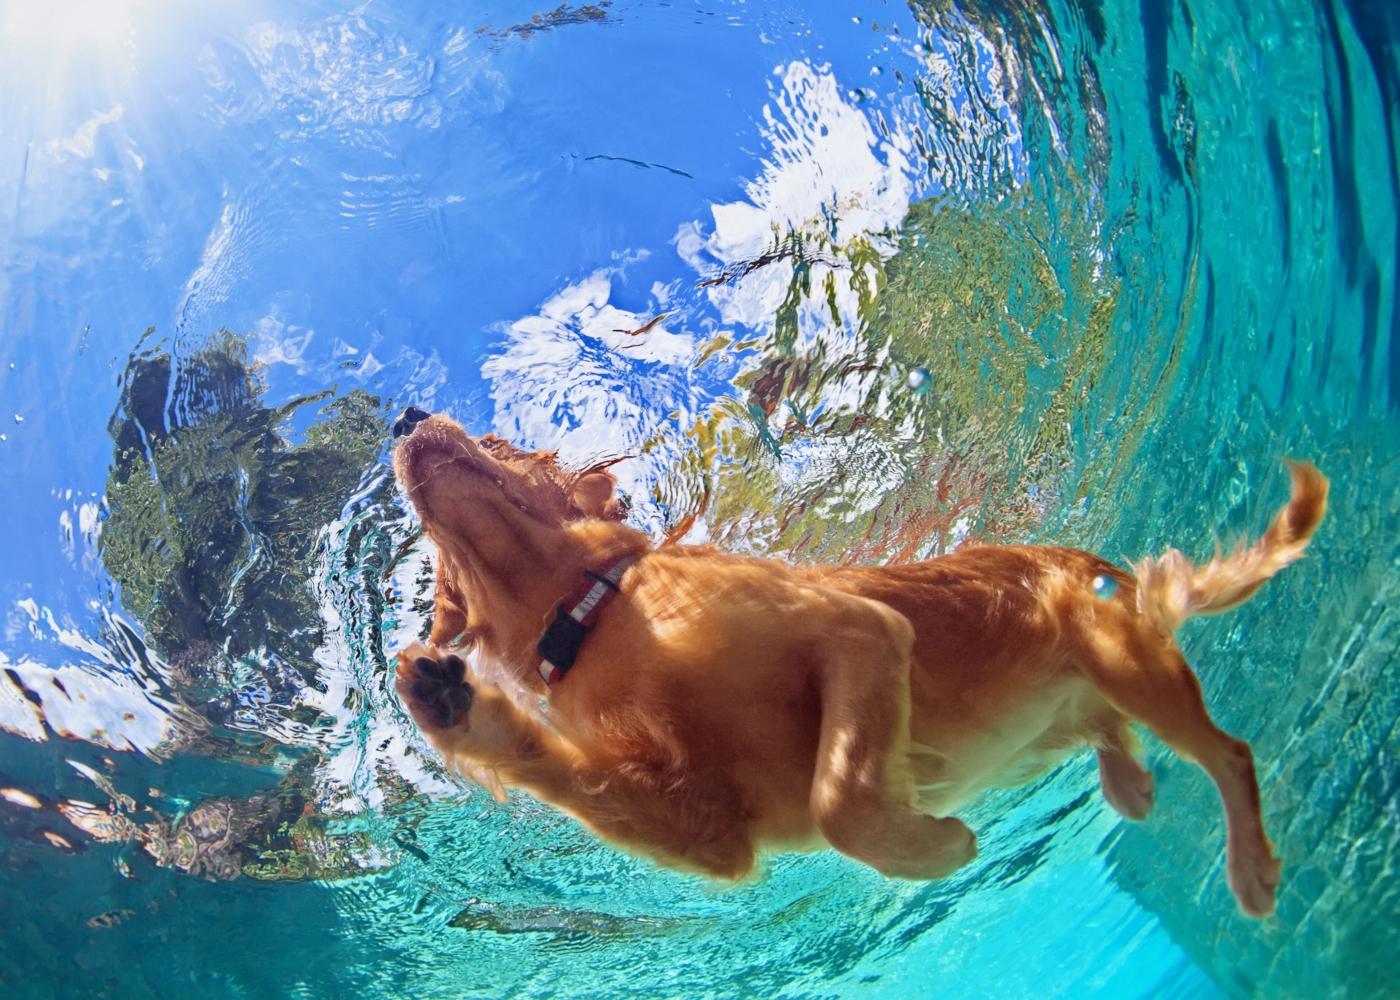 Cão a nadar numa piscina